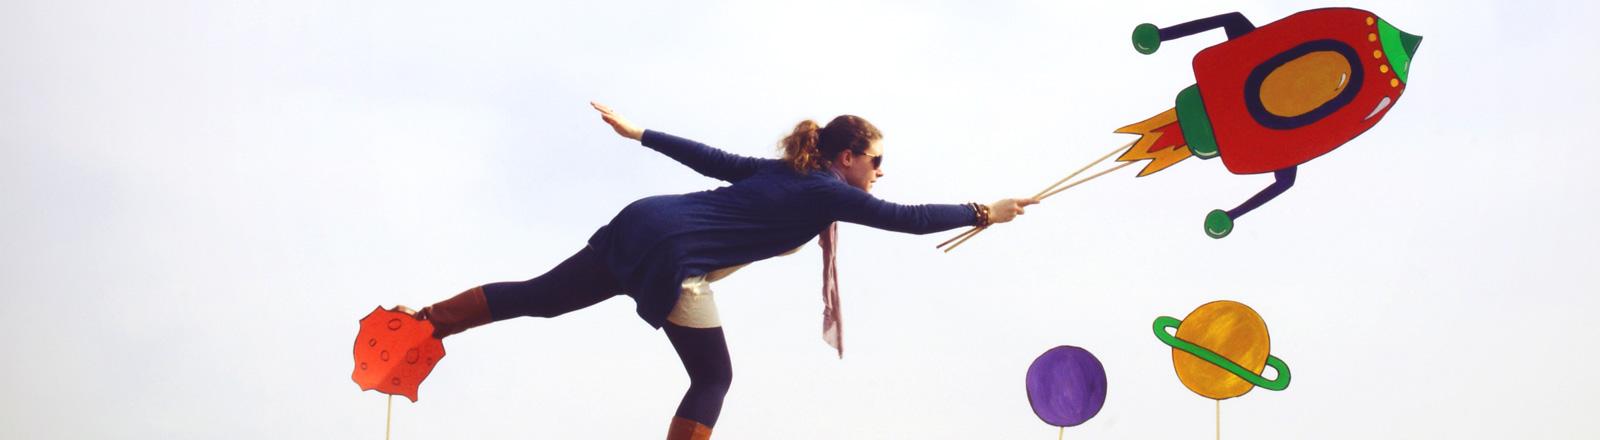 Eine Frau steht auf einem Bein und wird von einer Rakete gezogen.